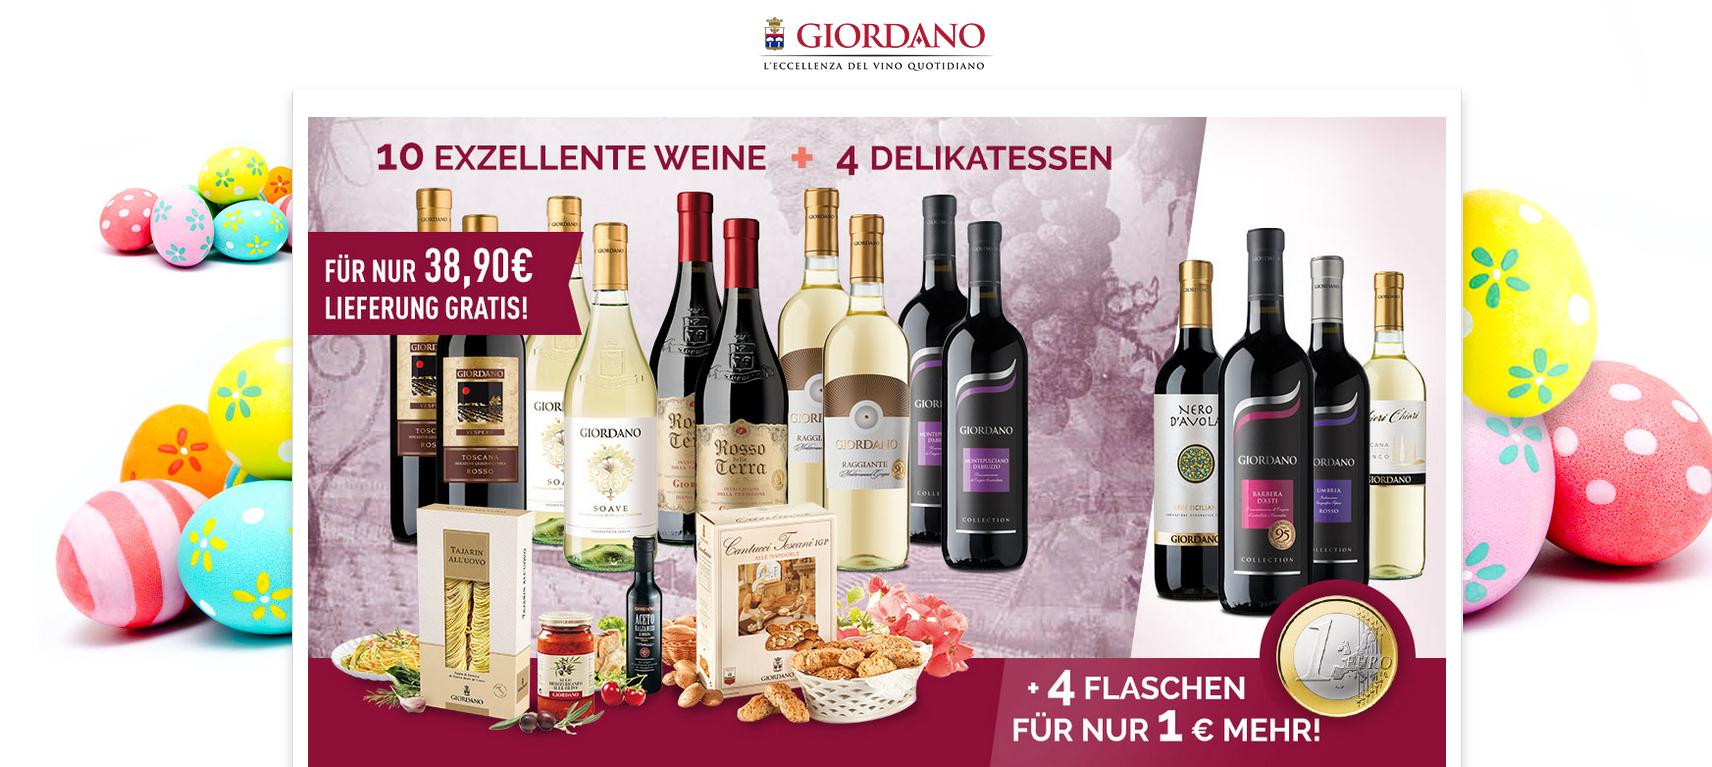 Giordano: 14 italienische Weine + 4 Spezialitäten für nur 39,90 Euro inkl. Versand